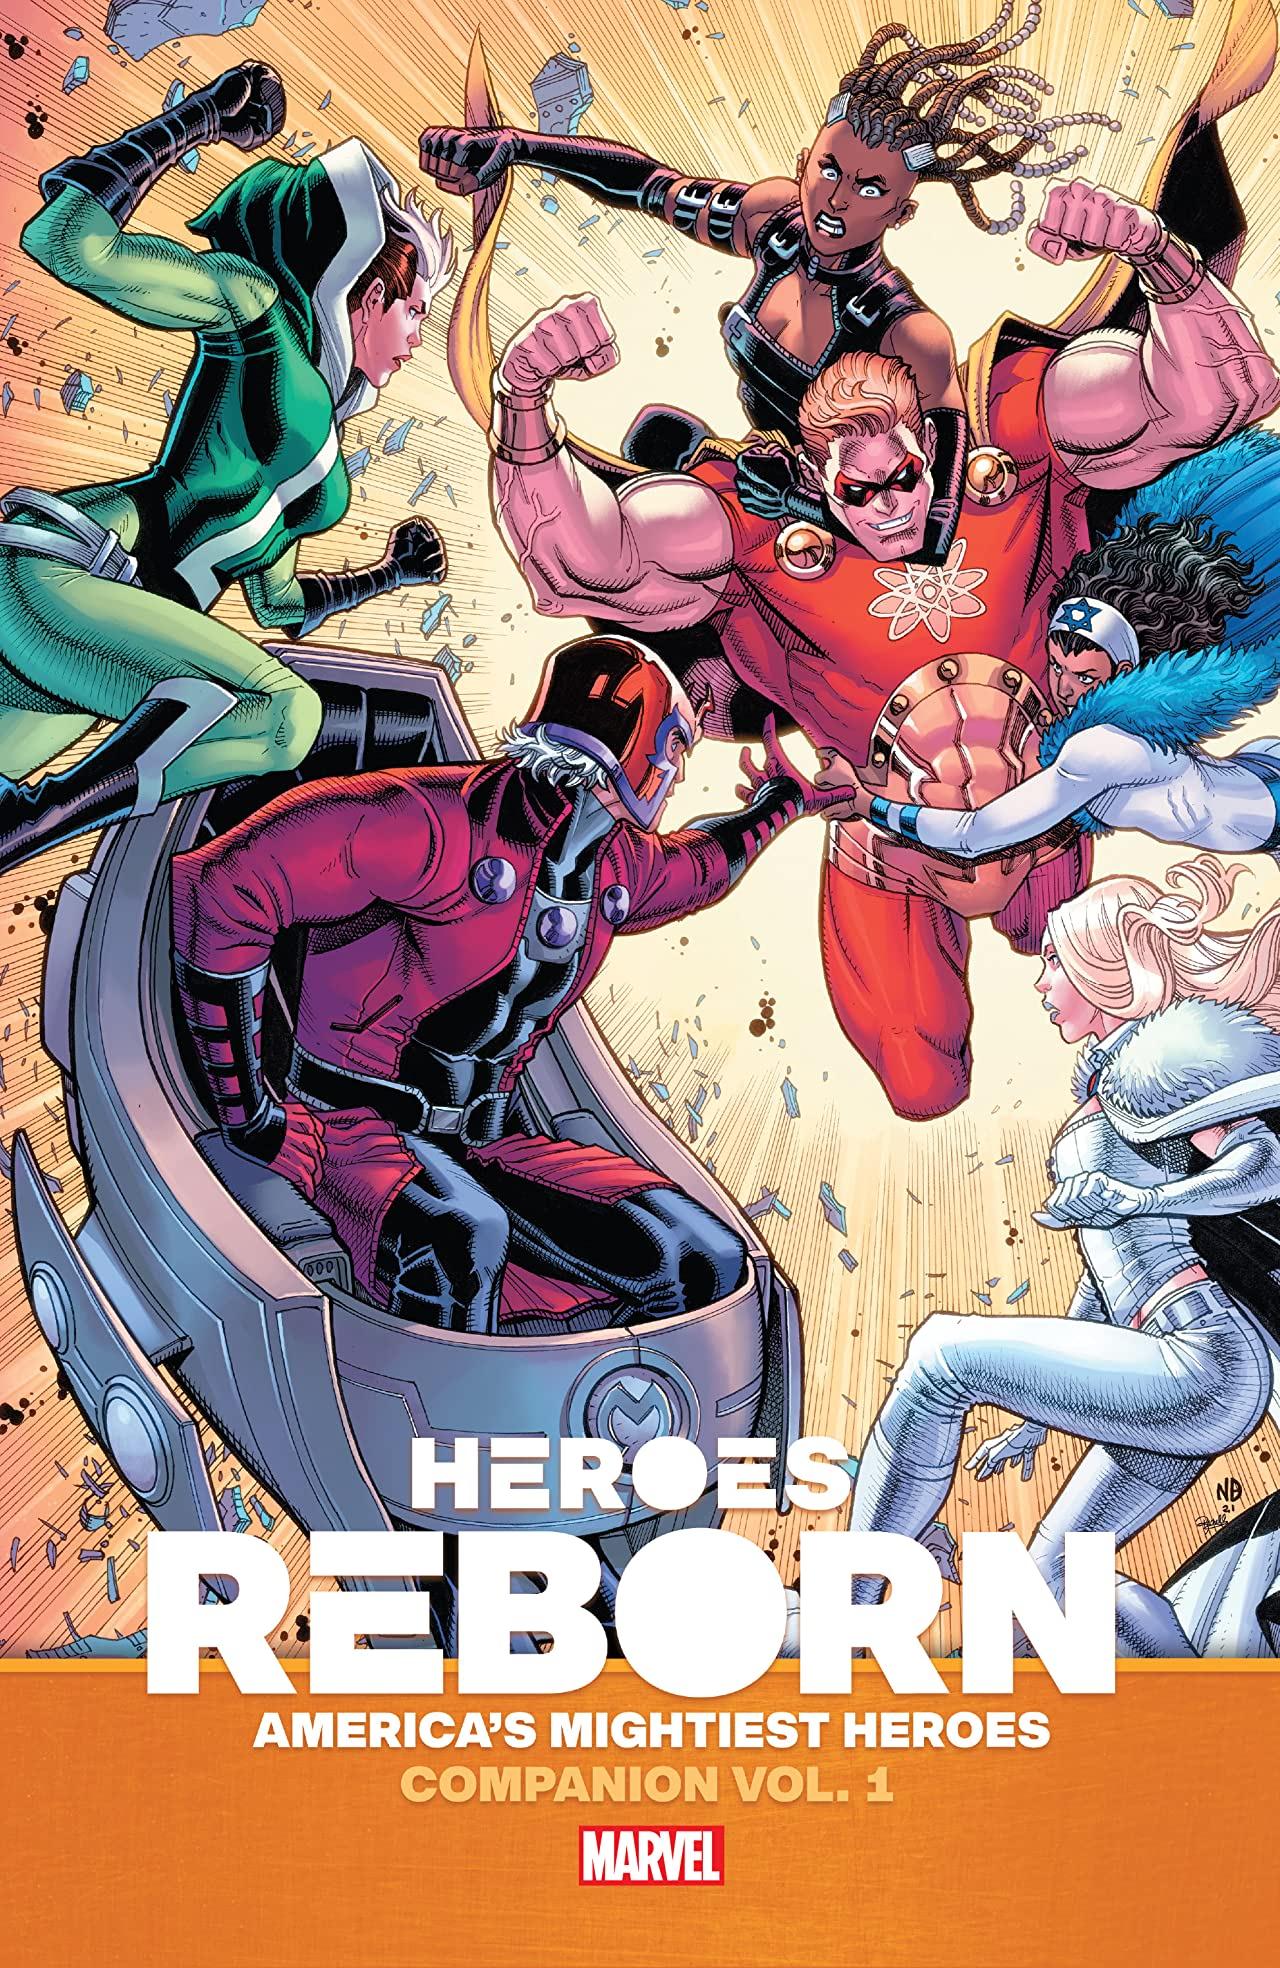 Heroes Reborn: America's Mightiest Heroes Companion Vol. 1 (Trade Paperback)